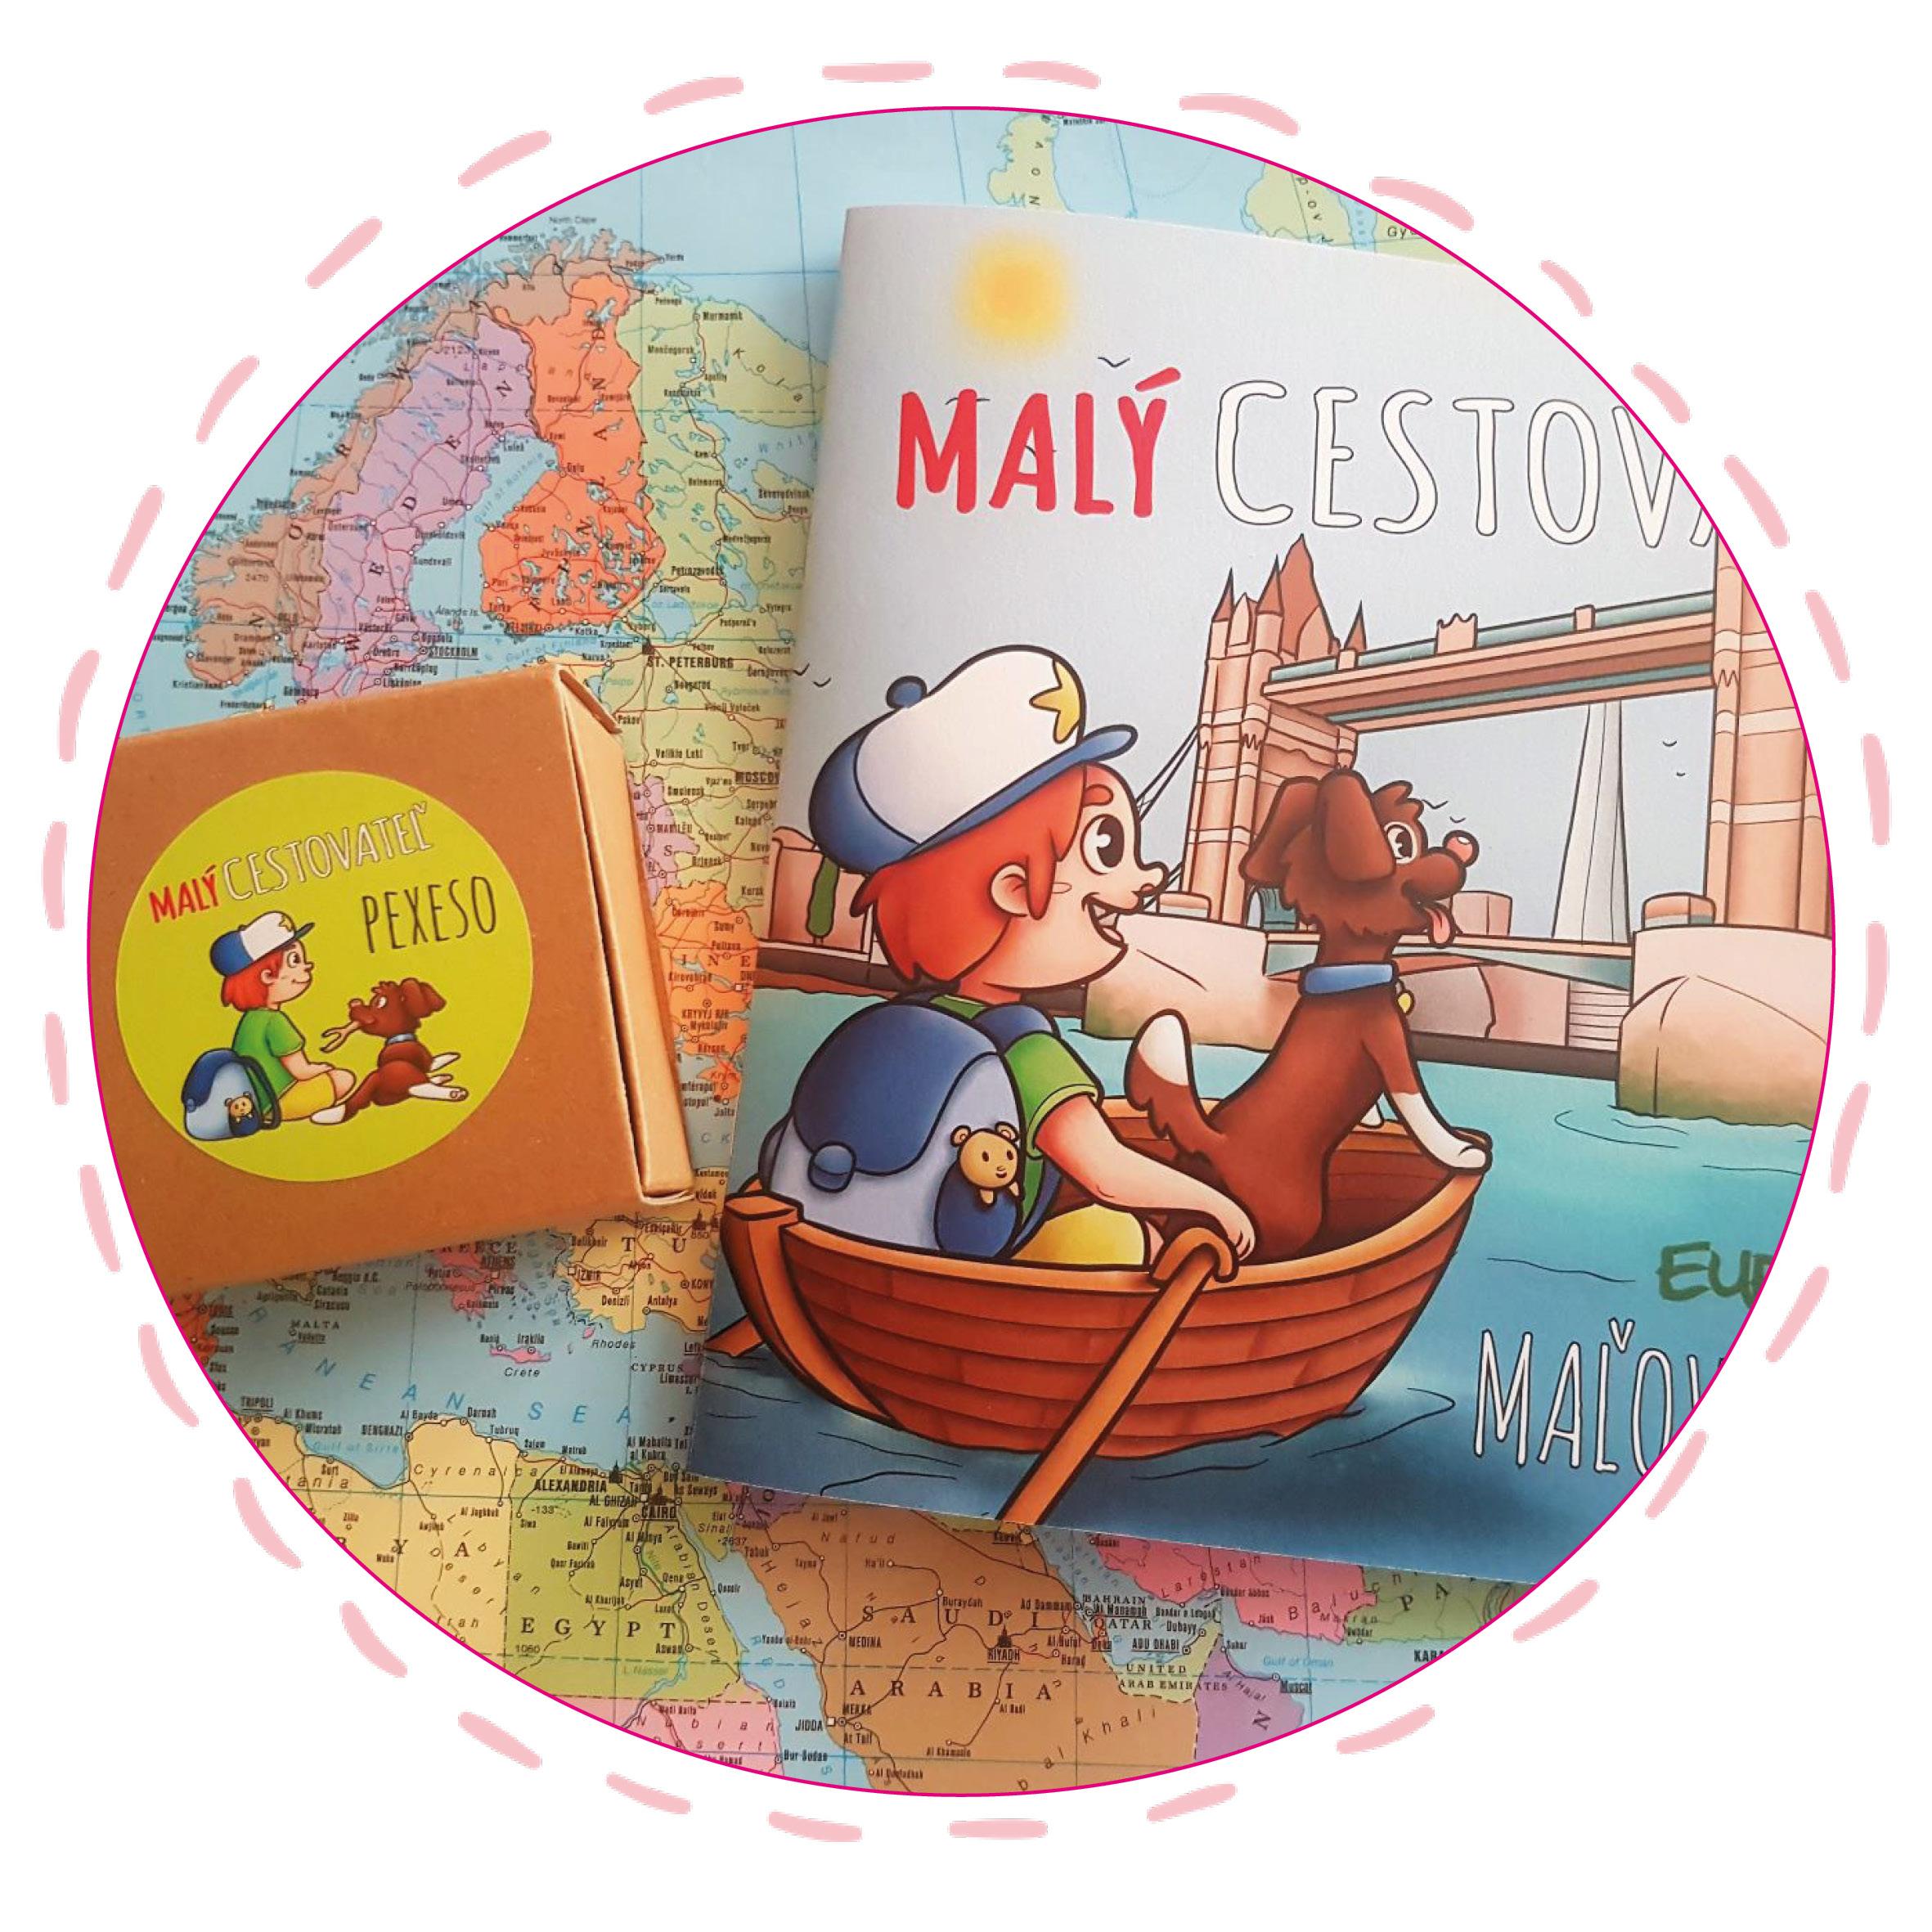 Maľovanka apexeso – dvaja pomocníci knižky Malý cestovateľ – Európa.